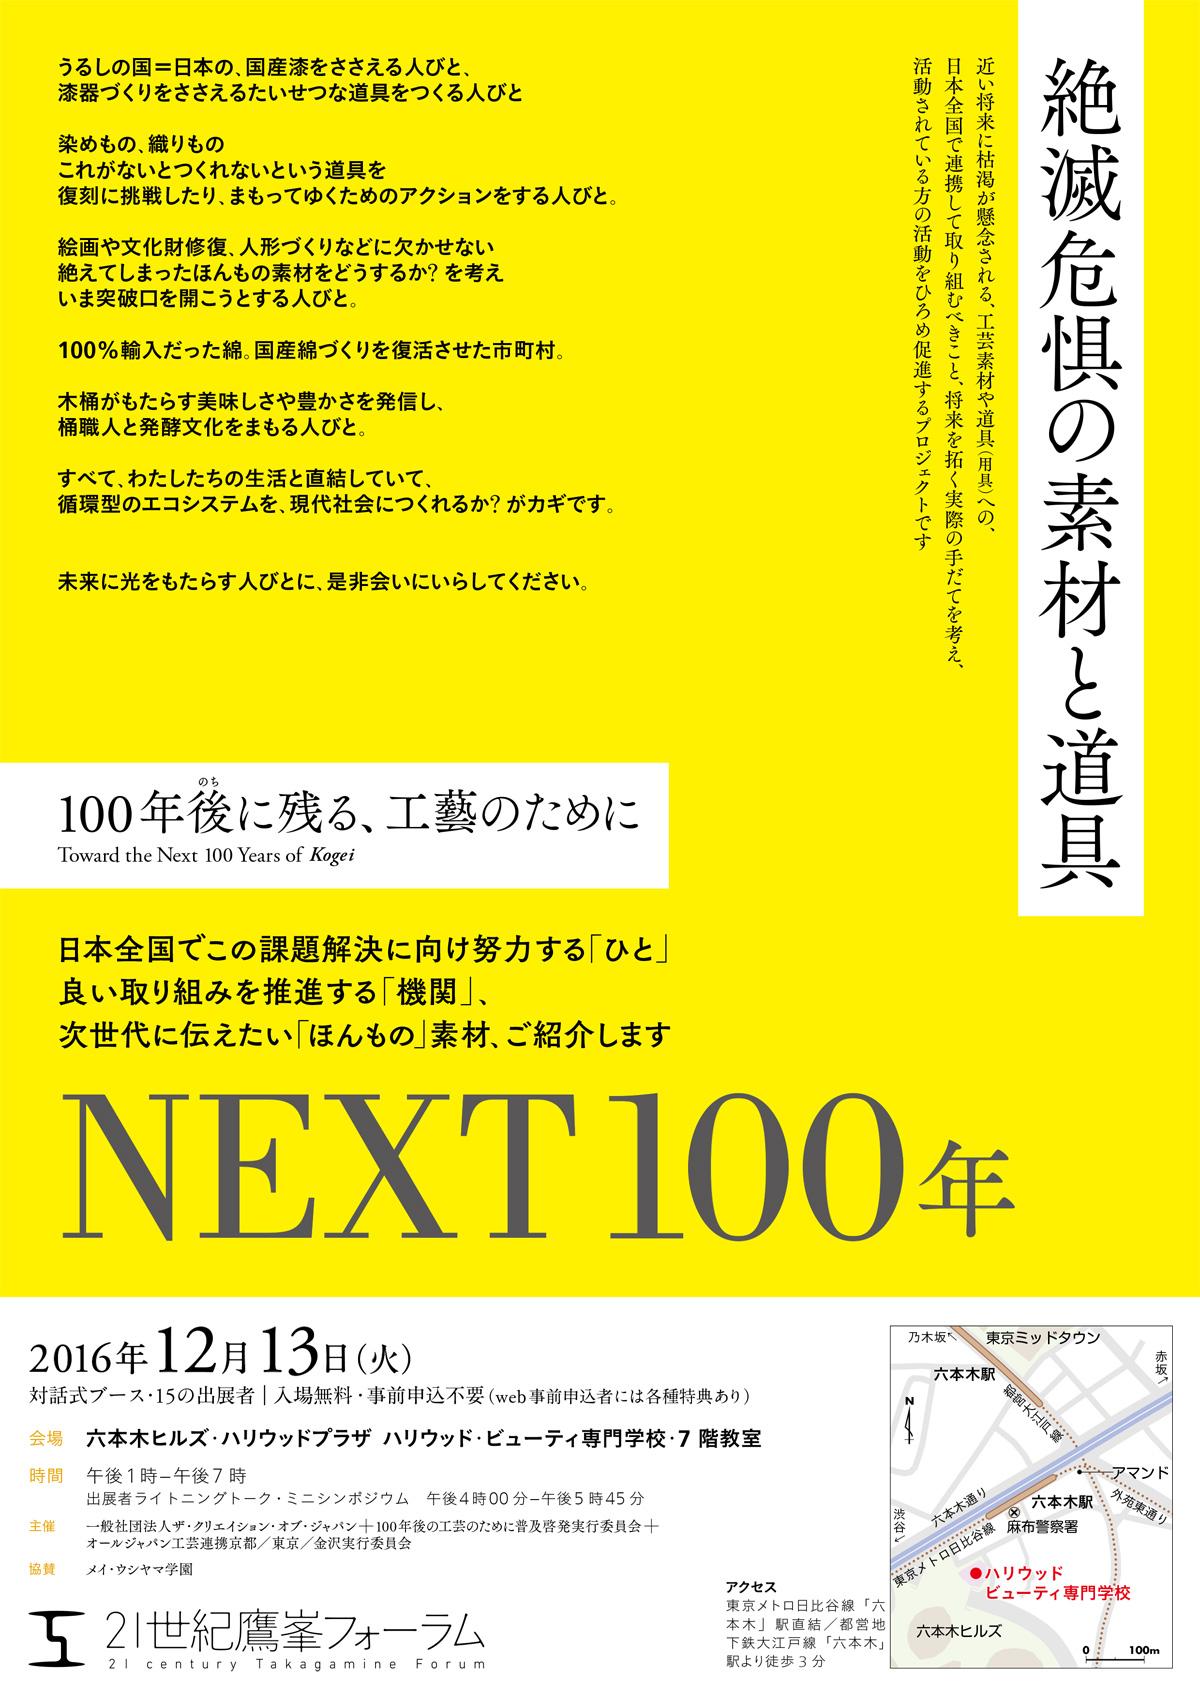 next100_1